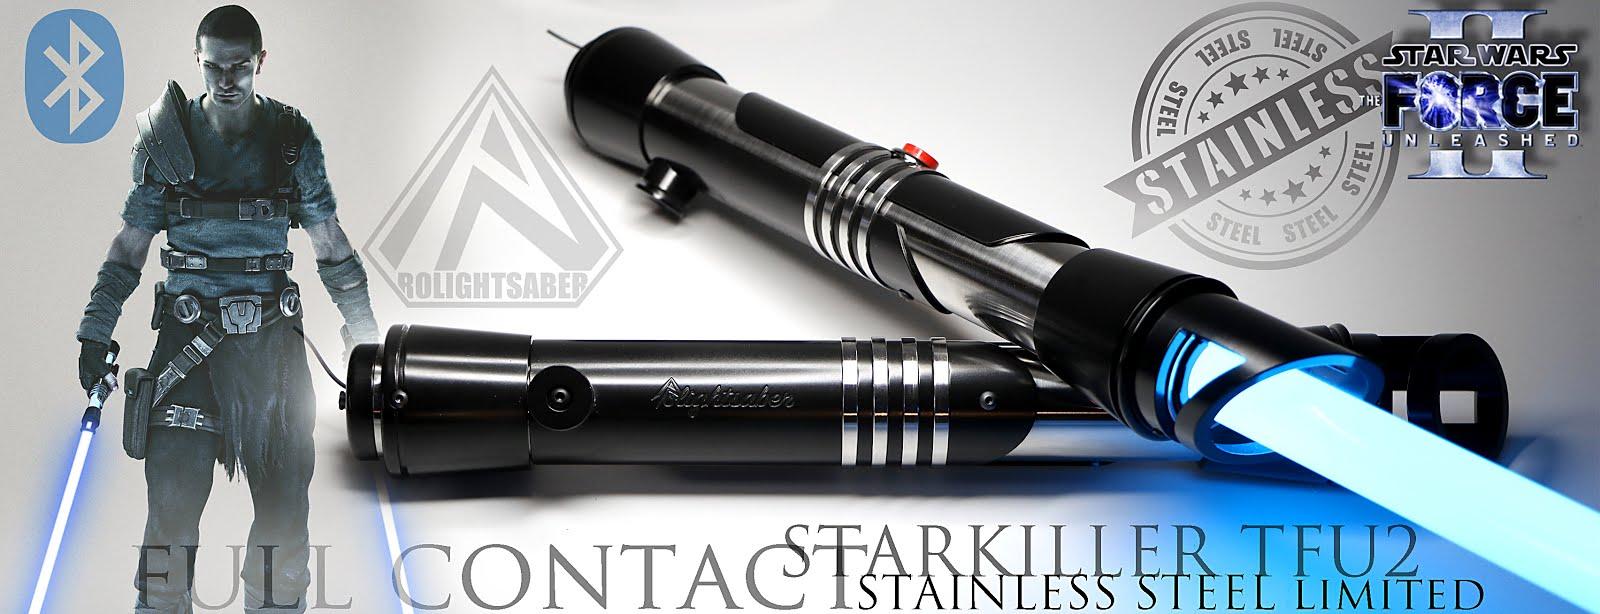 Starkiller TFU2 stainless steel Lightsaber